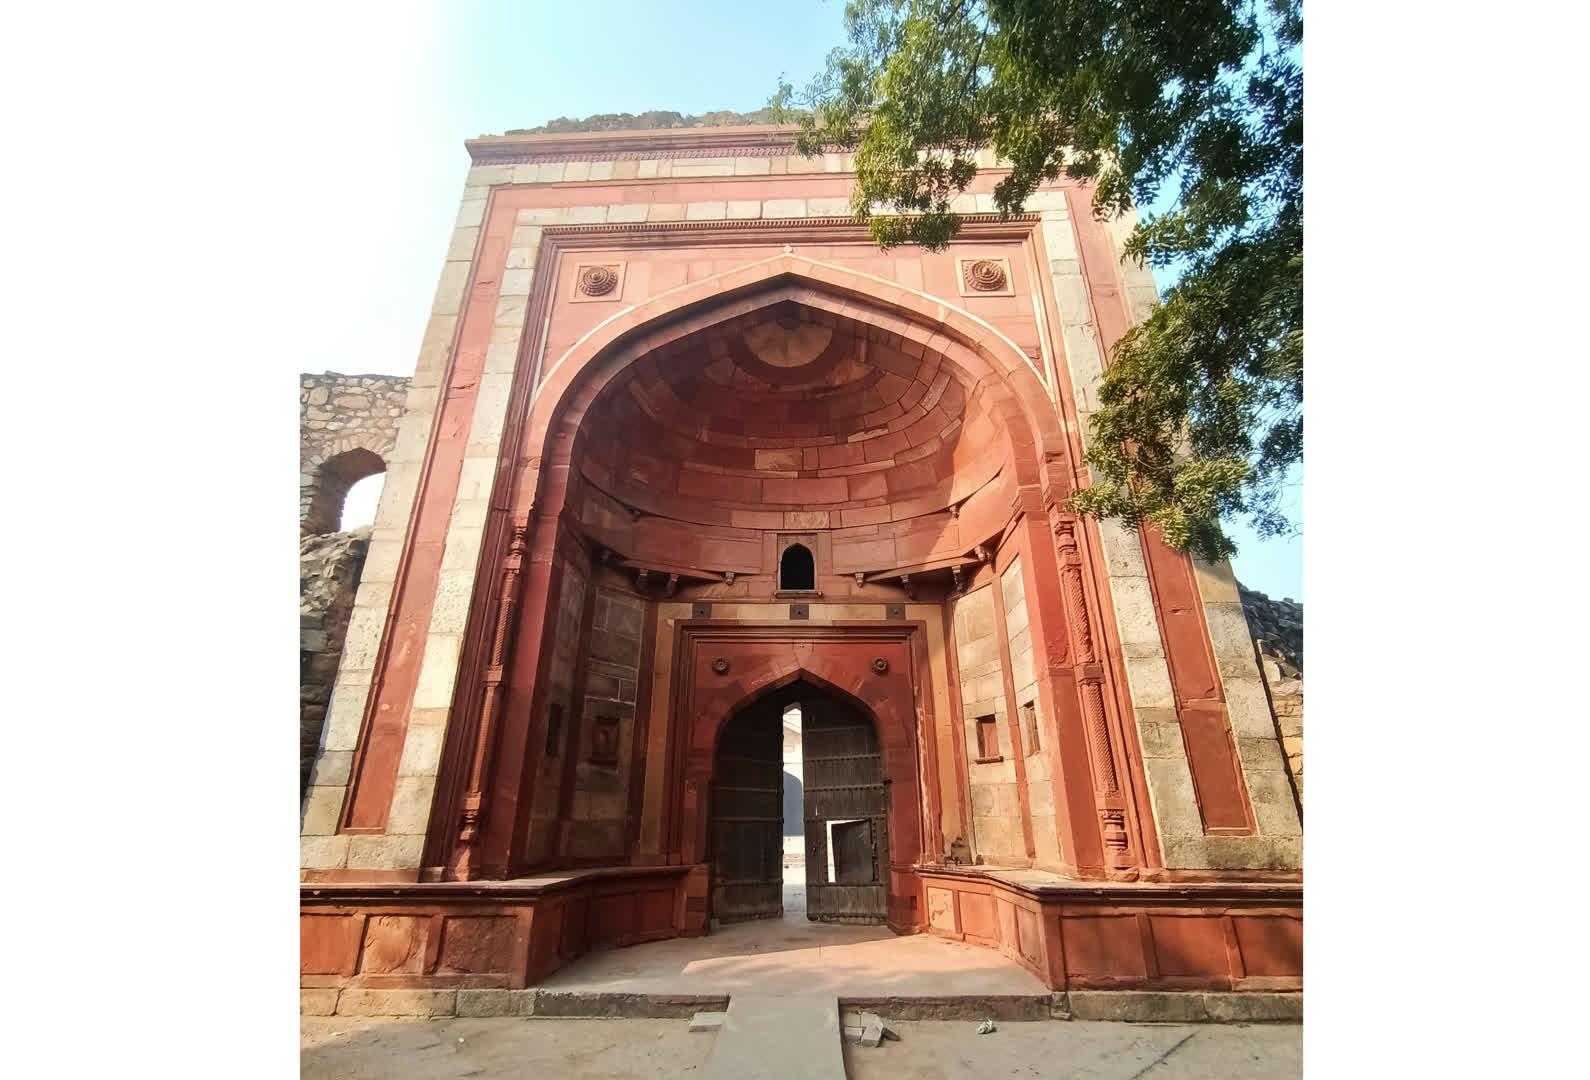 The main entrance to Khair-ul-Manzil